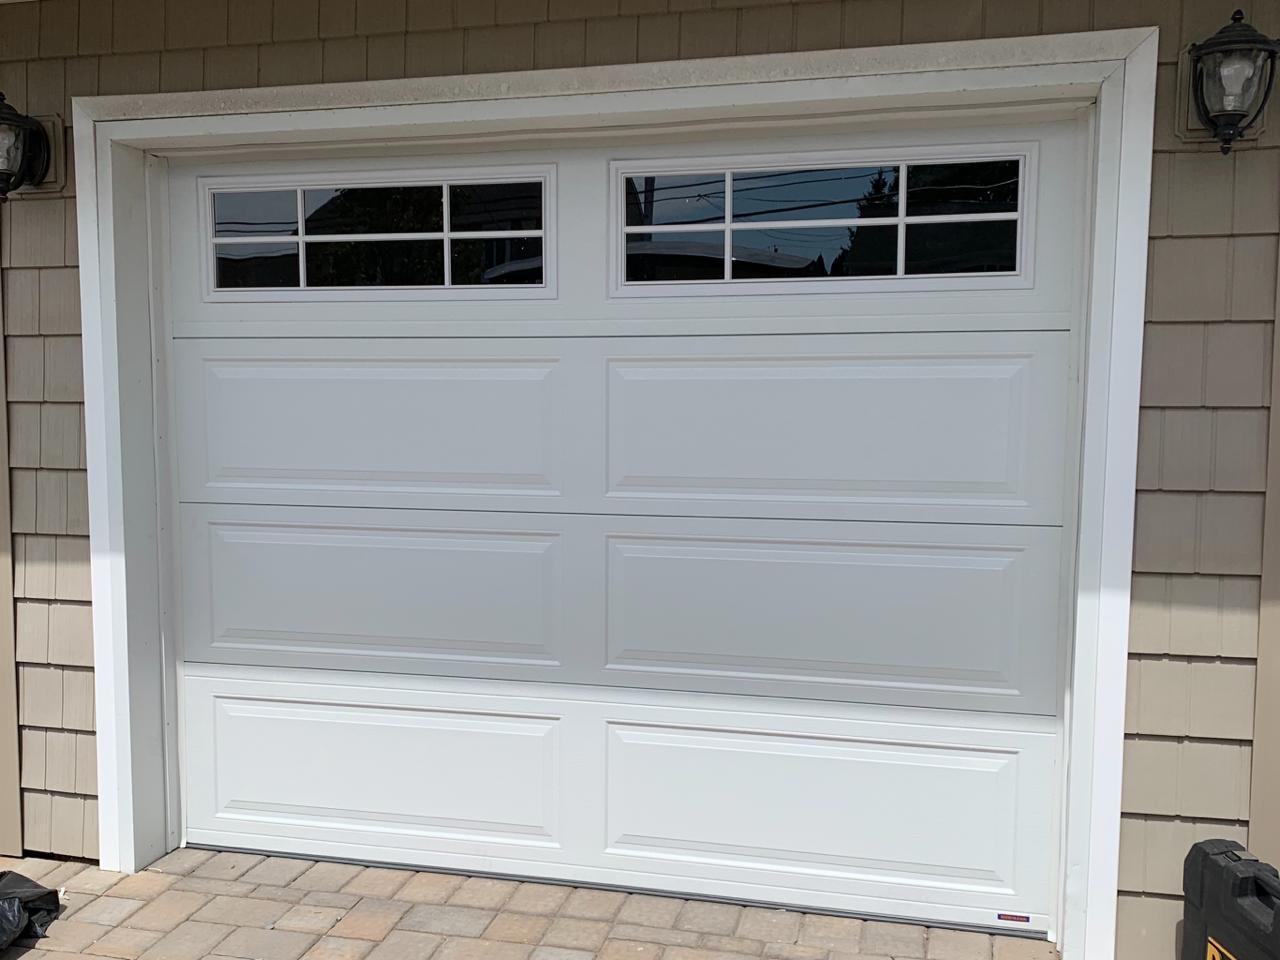 Garage Door Repair & Installation in Glenwood Landing, Oyster Bay